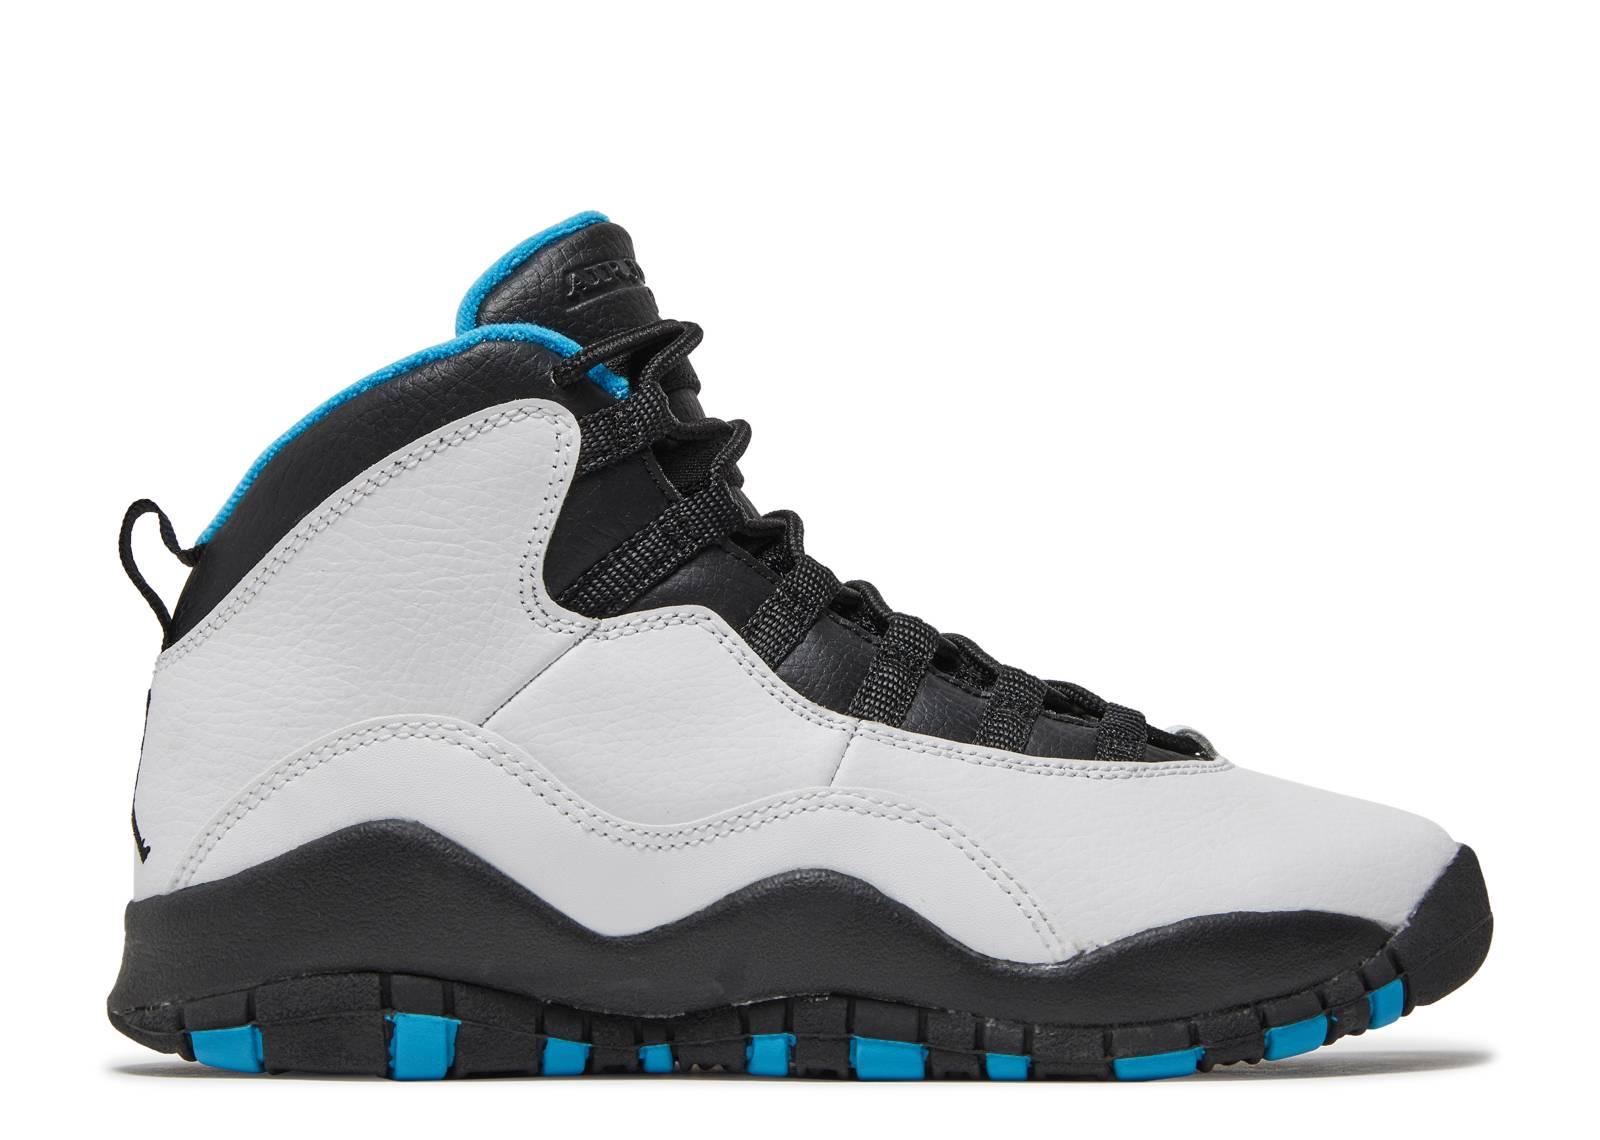 Air Jordan 10 Retro (gs) 'Powder Blue' - 310806-106 - Size 4.5 - Us Size dPpOu0